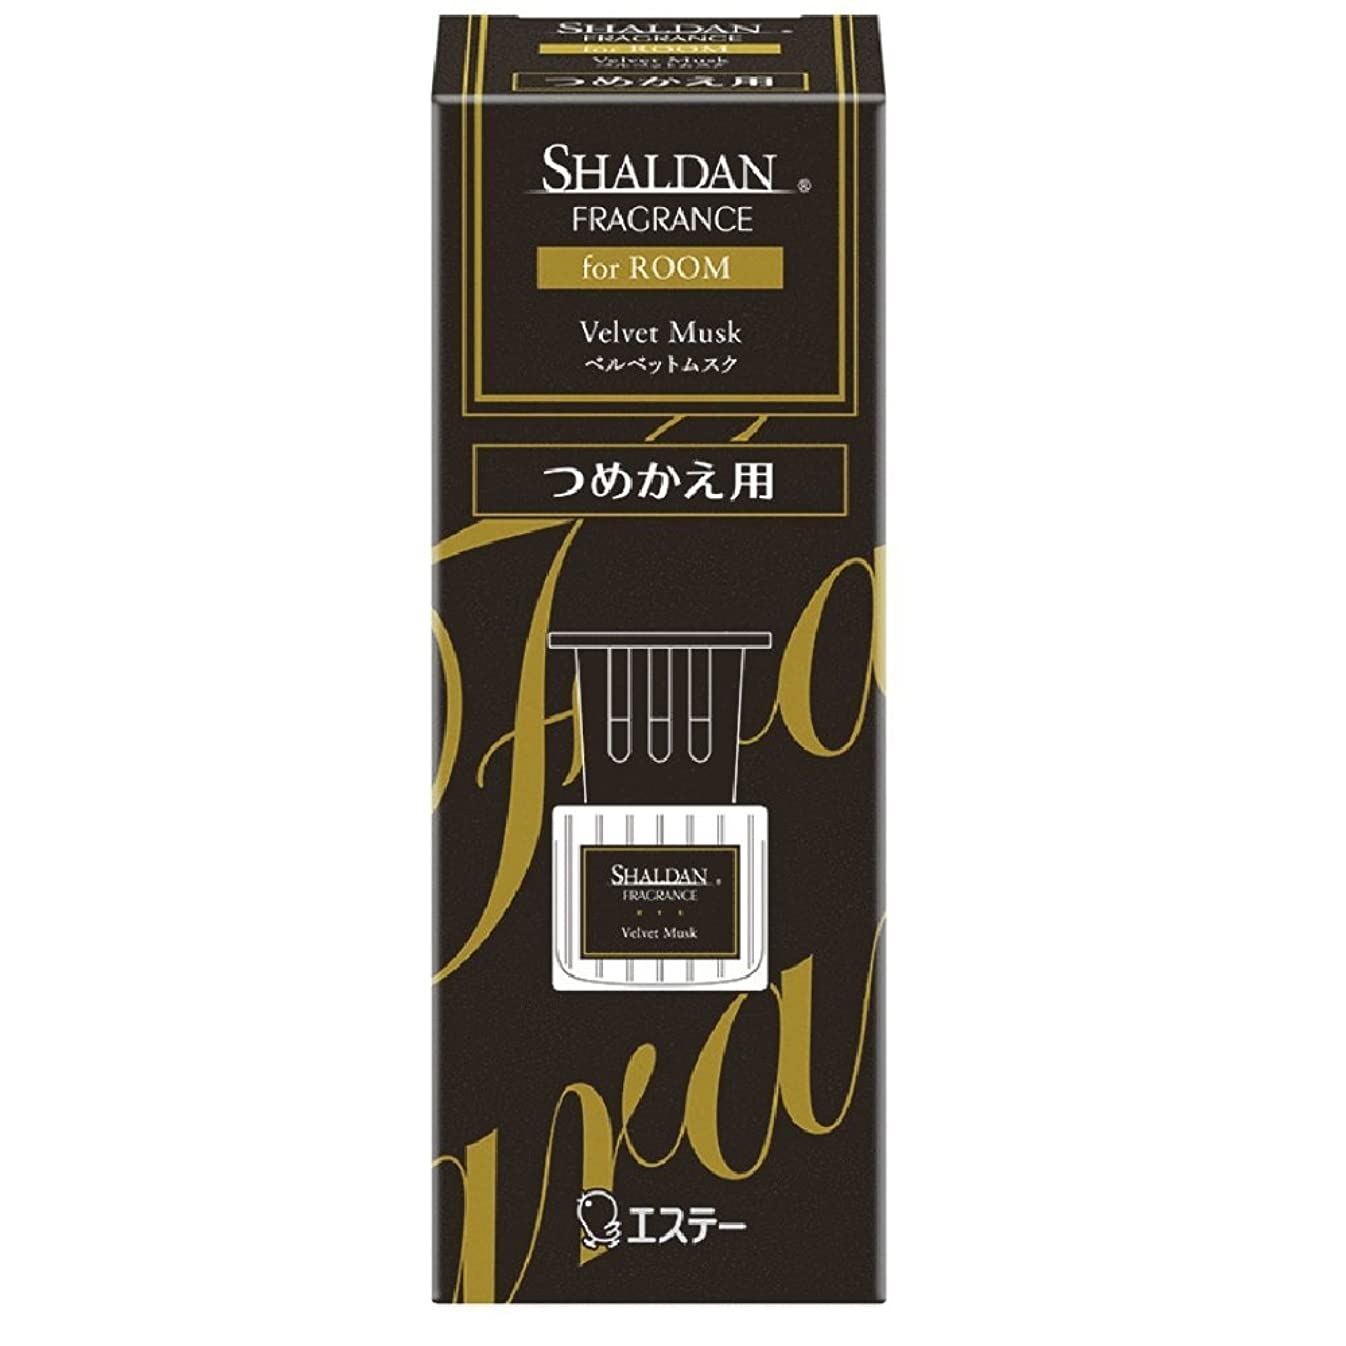 未使用キャリア想像力シャルダン SHALDAN フレグランス for ROOM 芳香剤 部屋用 部屋 つめかえ ベルベットムスク 65ml